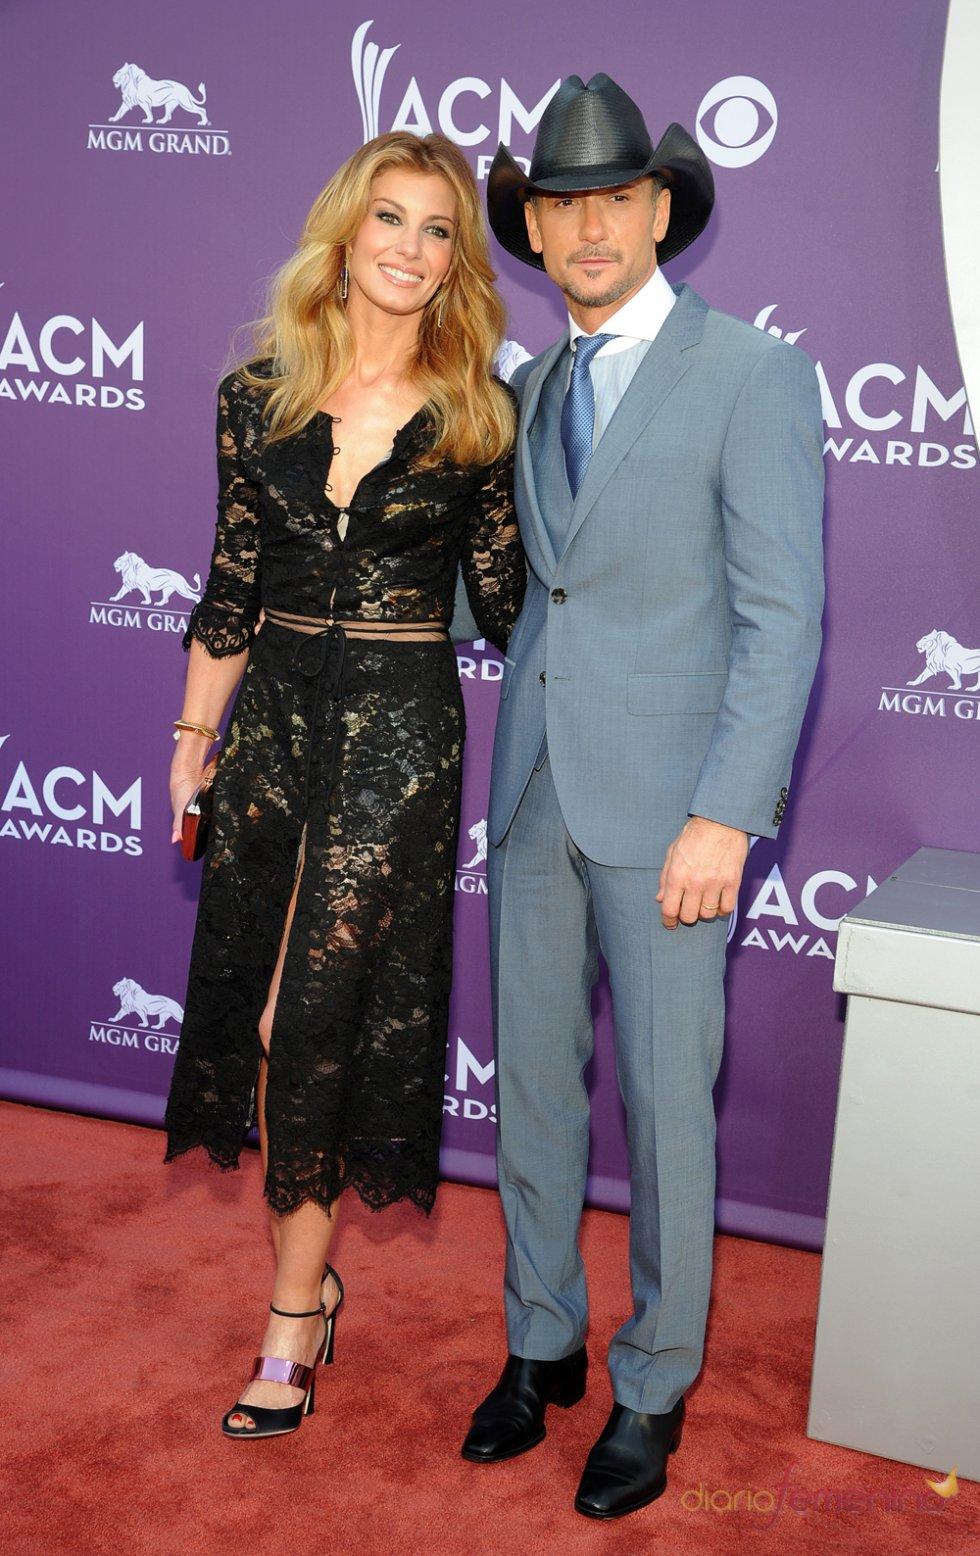 Faith hill y Tim McGraw en la alfombra roja de los Country Music Awards 2013